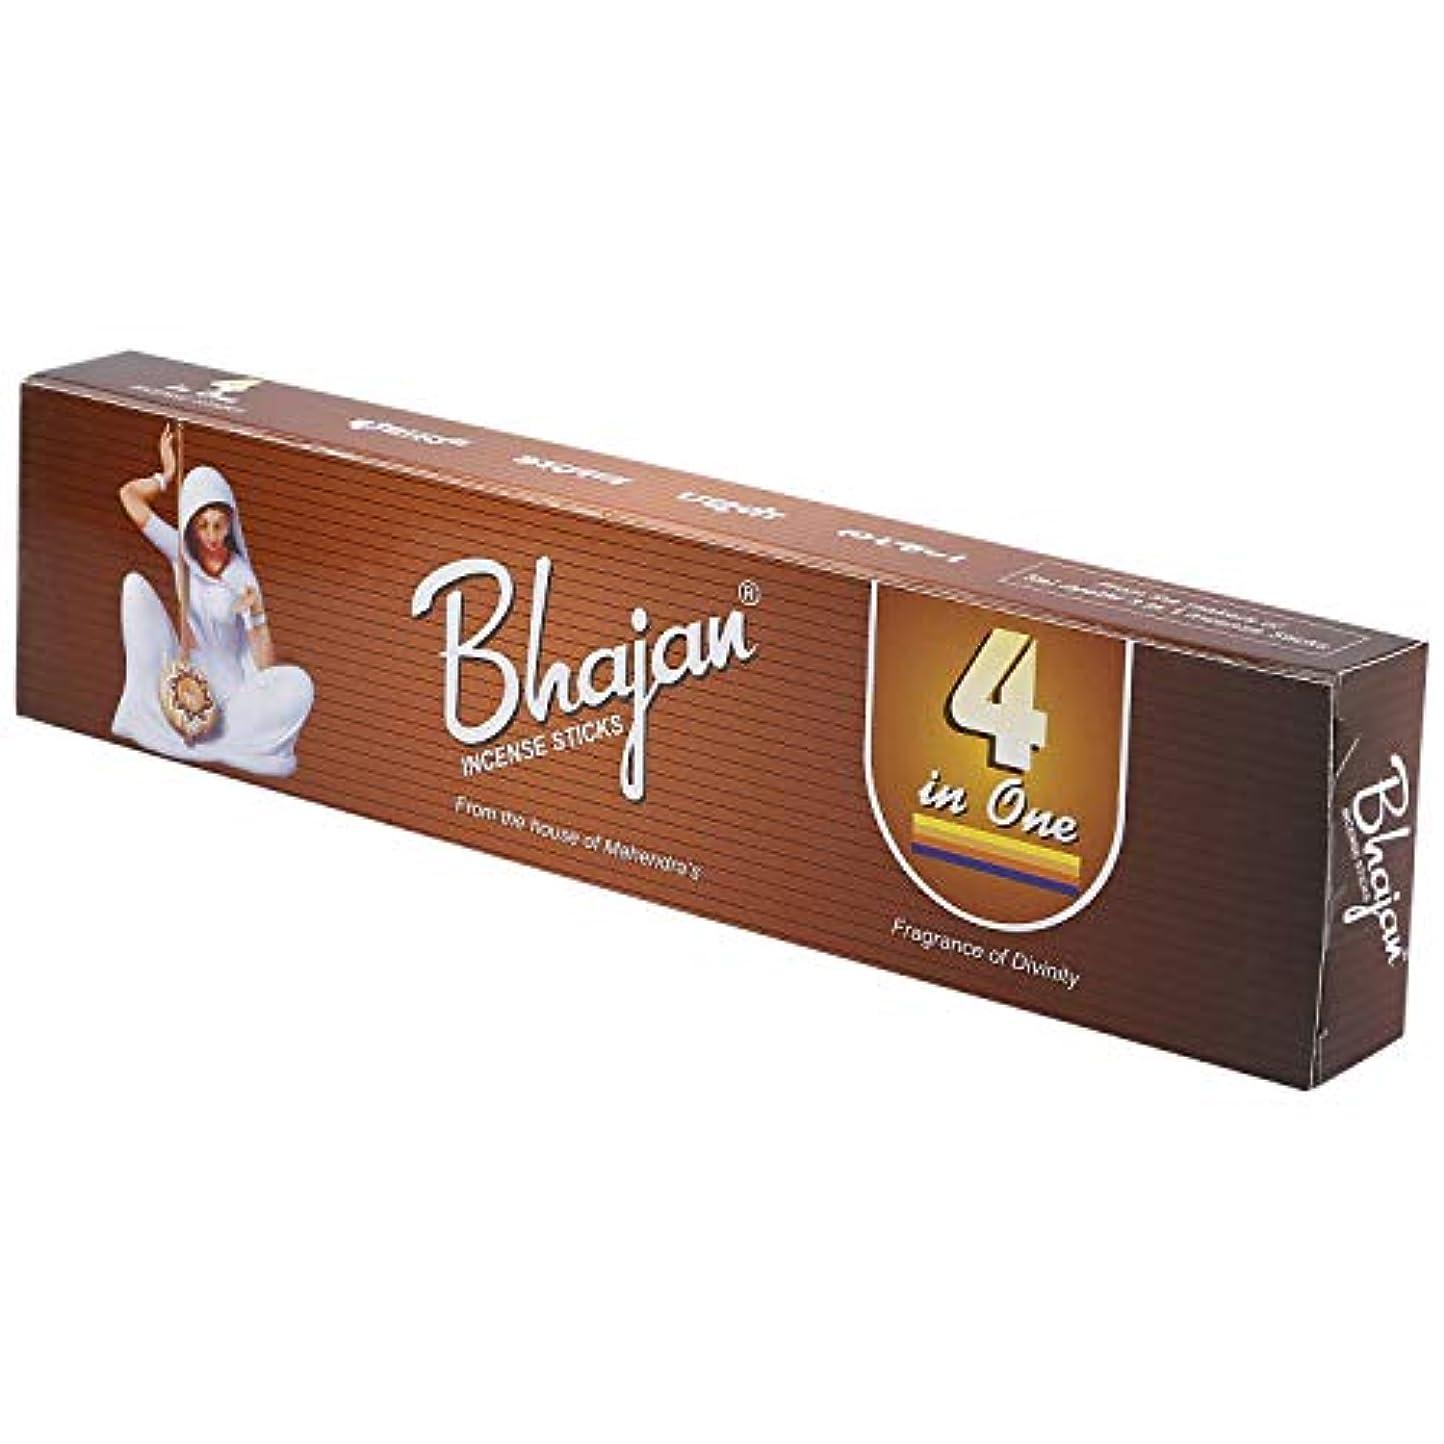 分析的なモンスター全員Mahendra's Bhajan 100 (4in1) Incense Sticks - 4 Box Combo with Free Perfume Bag